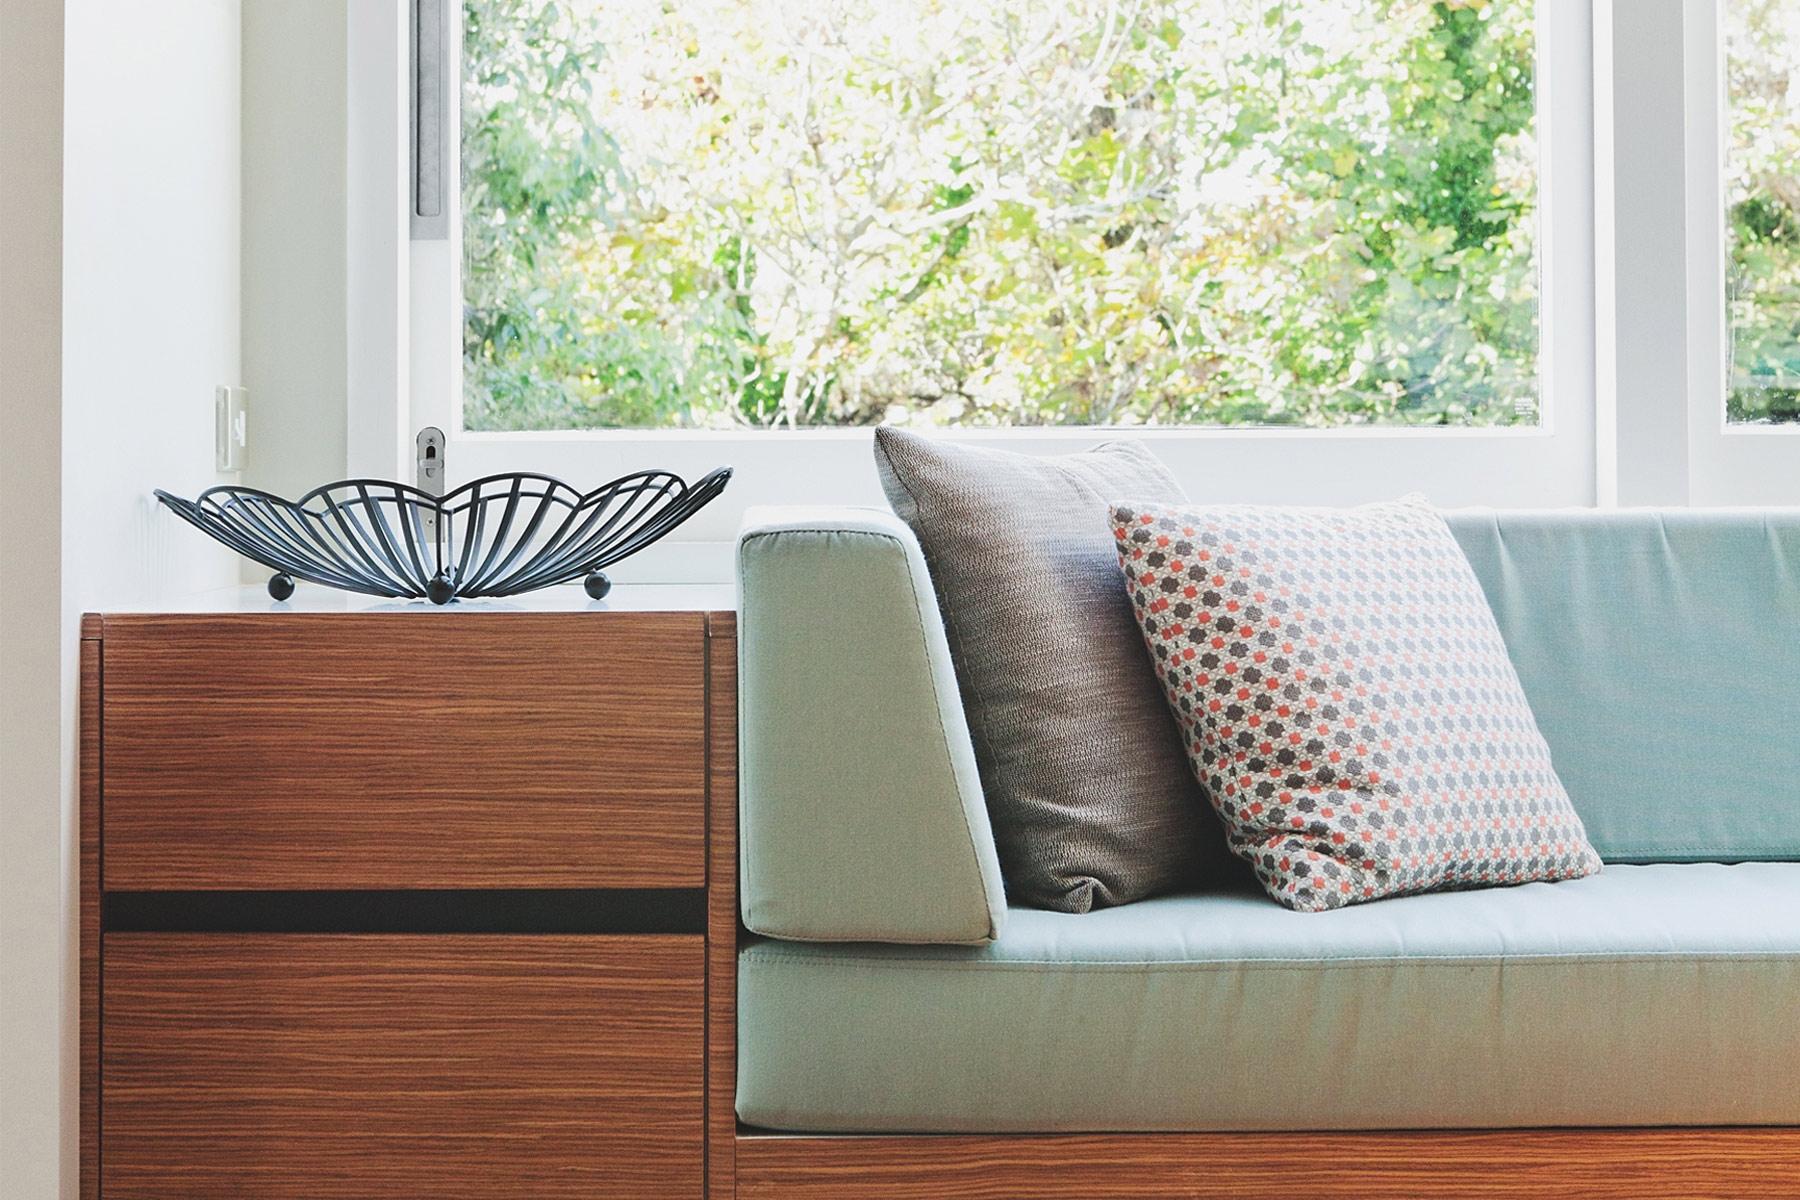 Interior designer wellington honour creative interior design for 1800x1200 window